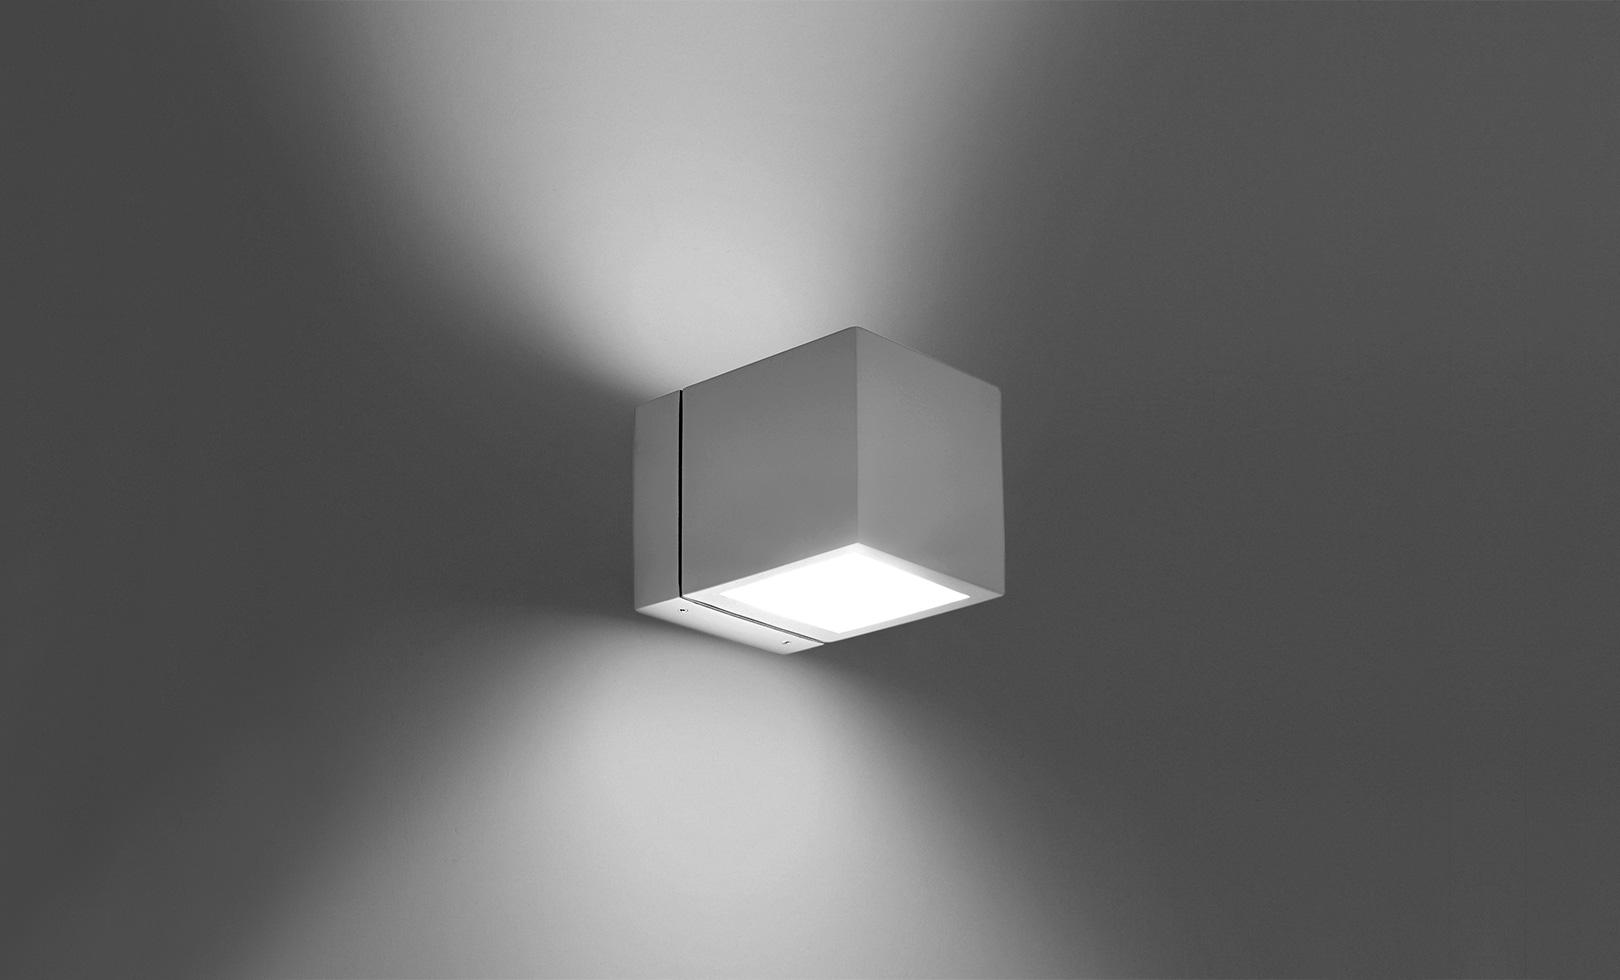 402202 CUBE 02 LED 2 x 7.5W 1